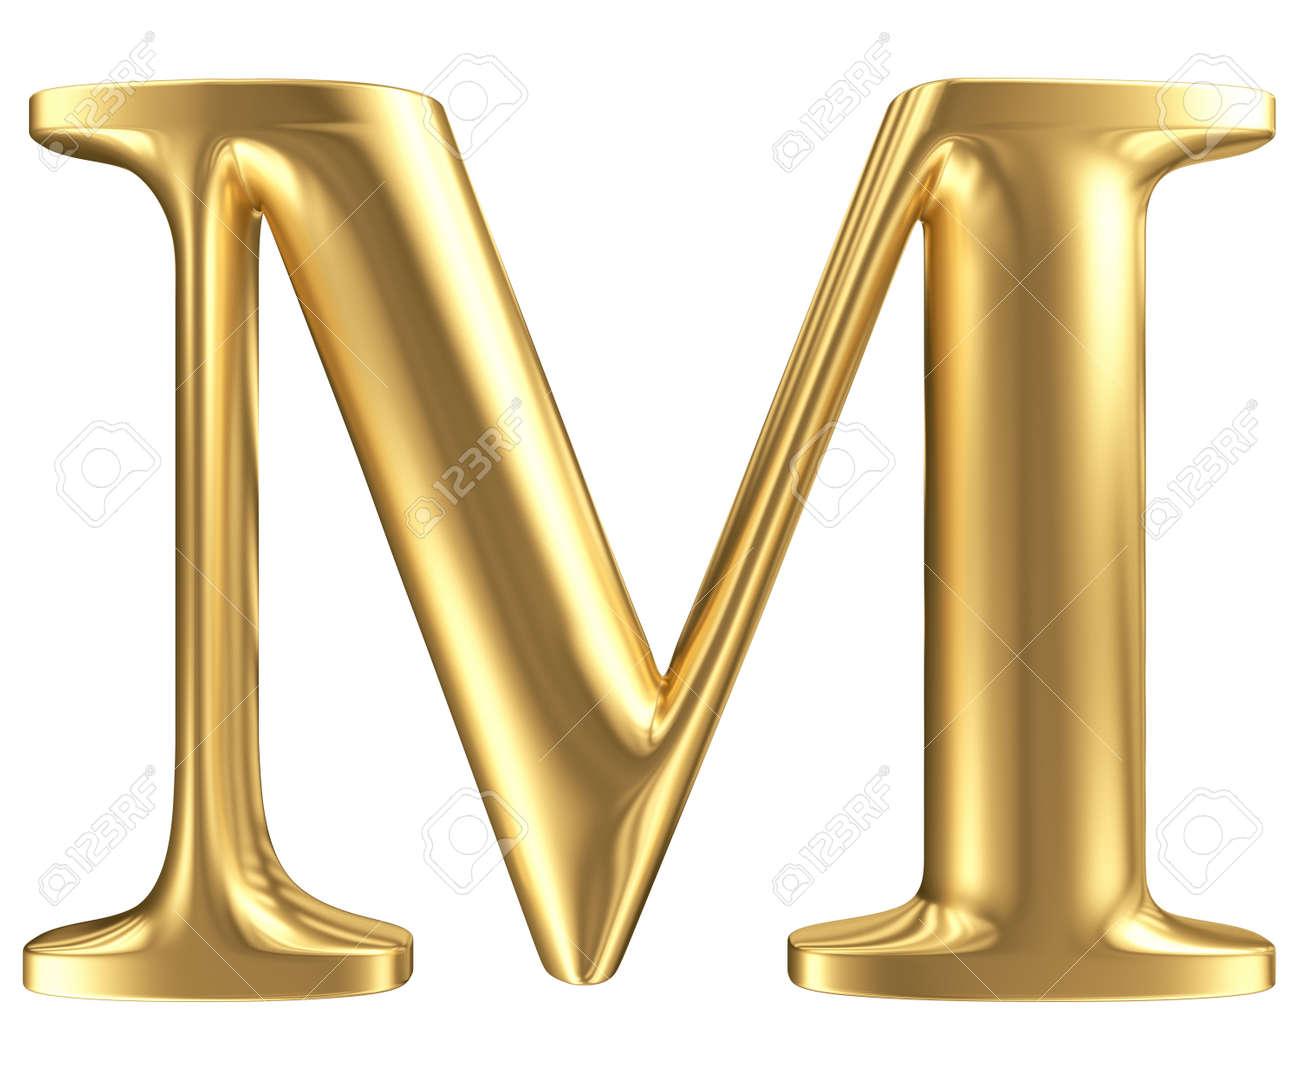 servicio duradero fina artesanía precio loco Mate de oro letra M, colección de la fuente de la joyería